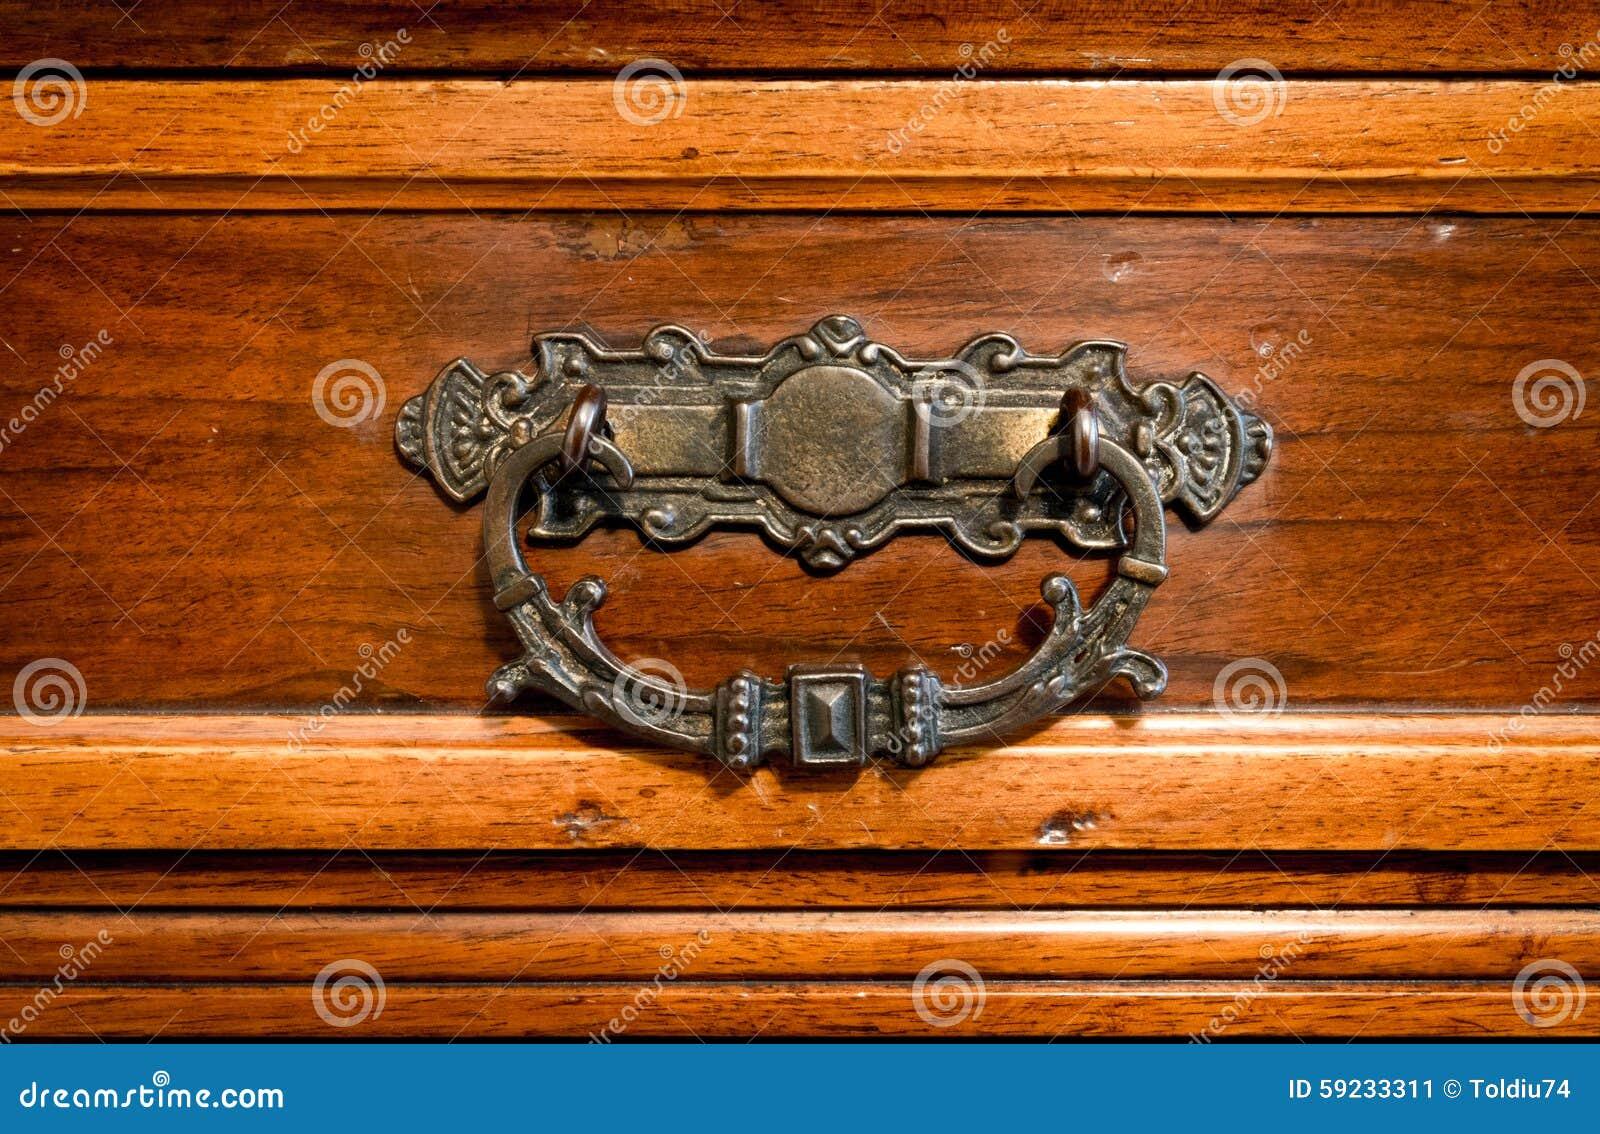 Download Manija De Cobre Amarillo Hecha A Mano De Un Cajón Antiguo Imagen de archivo - Imagen de neoclassic, envejecido: 59233311